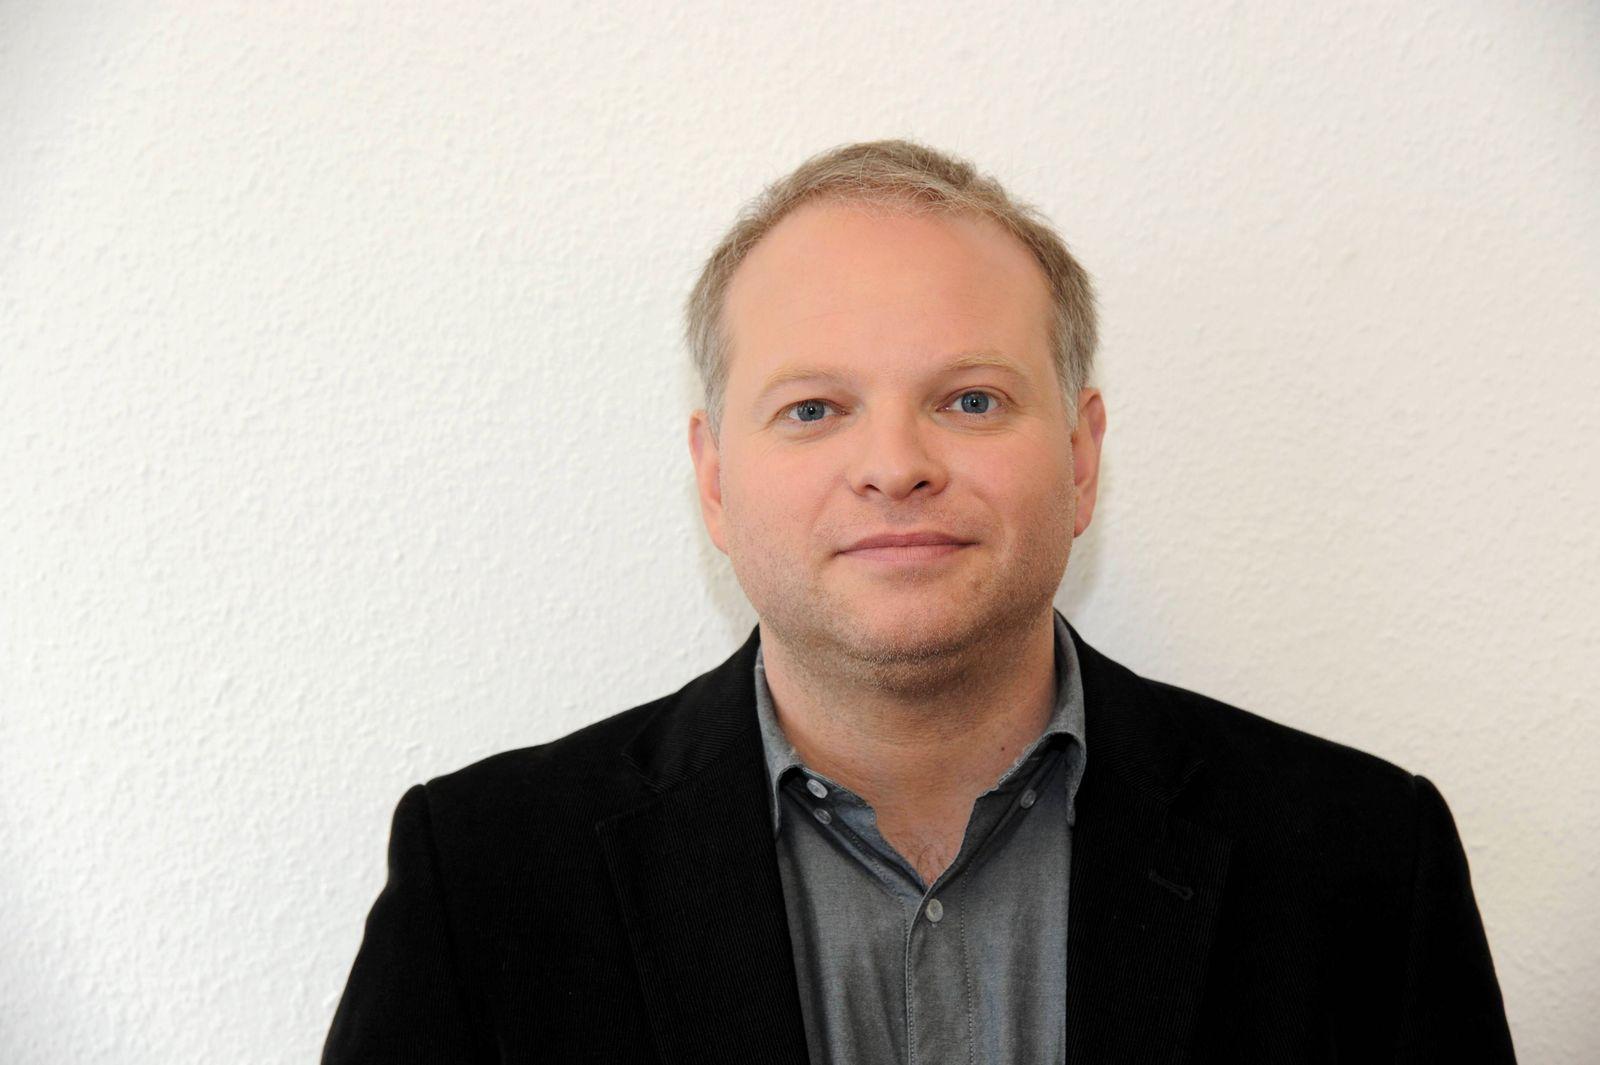 Der deutsch isländische Schriftsteller Kristof Magnusson aufgenommen am 22 03 2015 in Köln